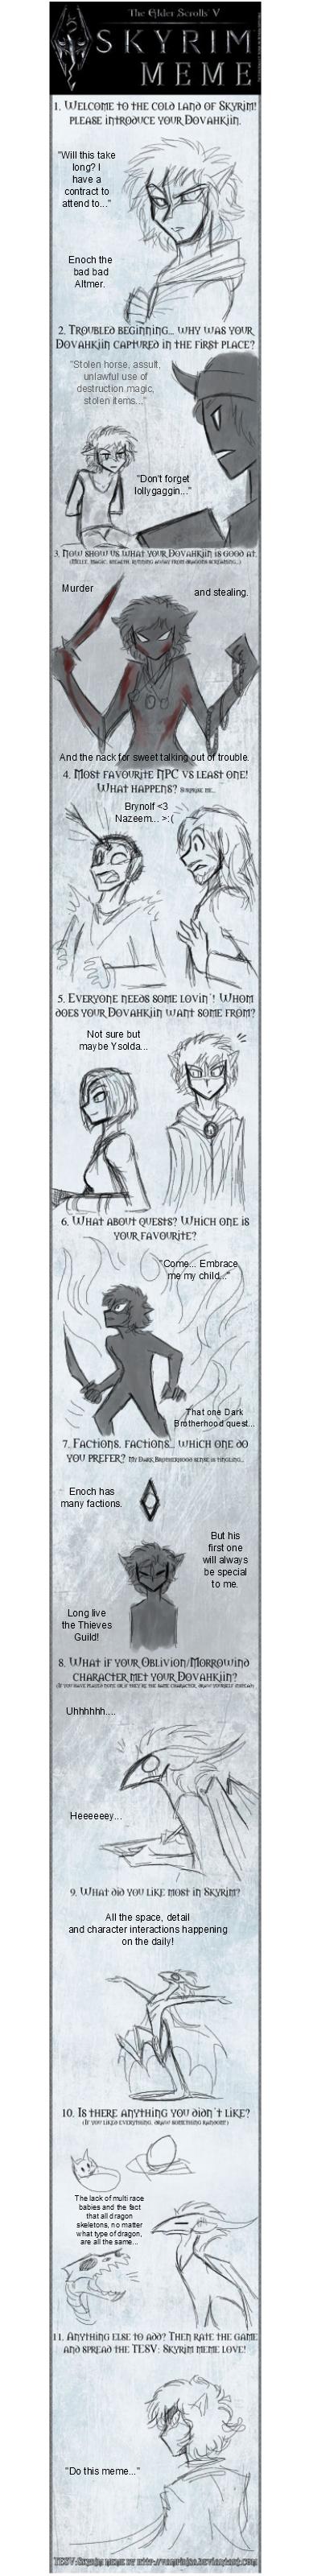 Enoch Skyrim Meme by CoffeeAddictedDragon